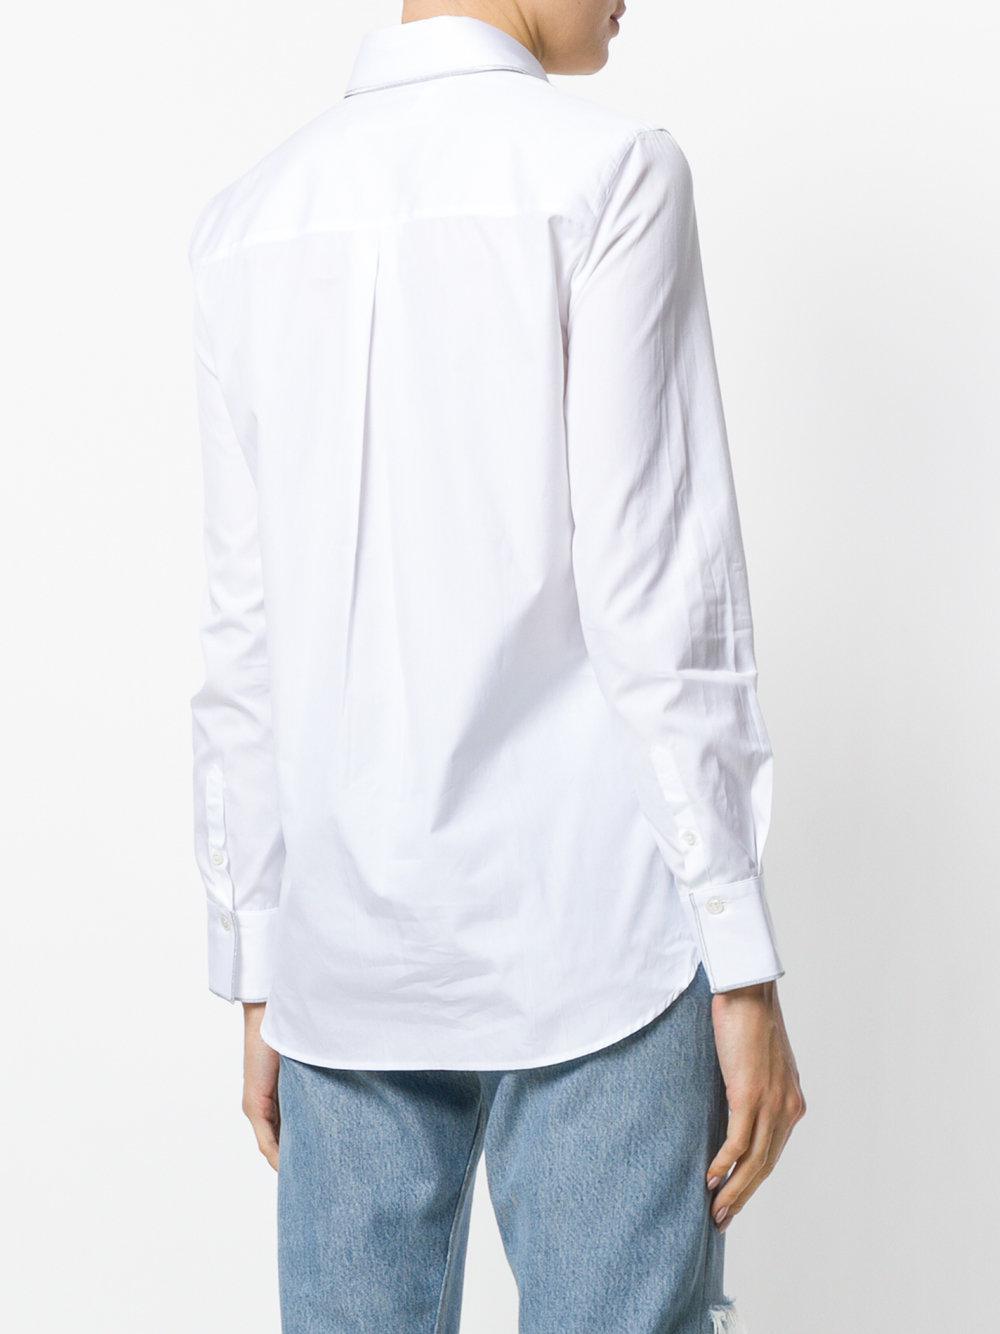 c22b32479936 golden-goose-deluxe-brand-White-Classic-Plain-Shirt.jpeg